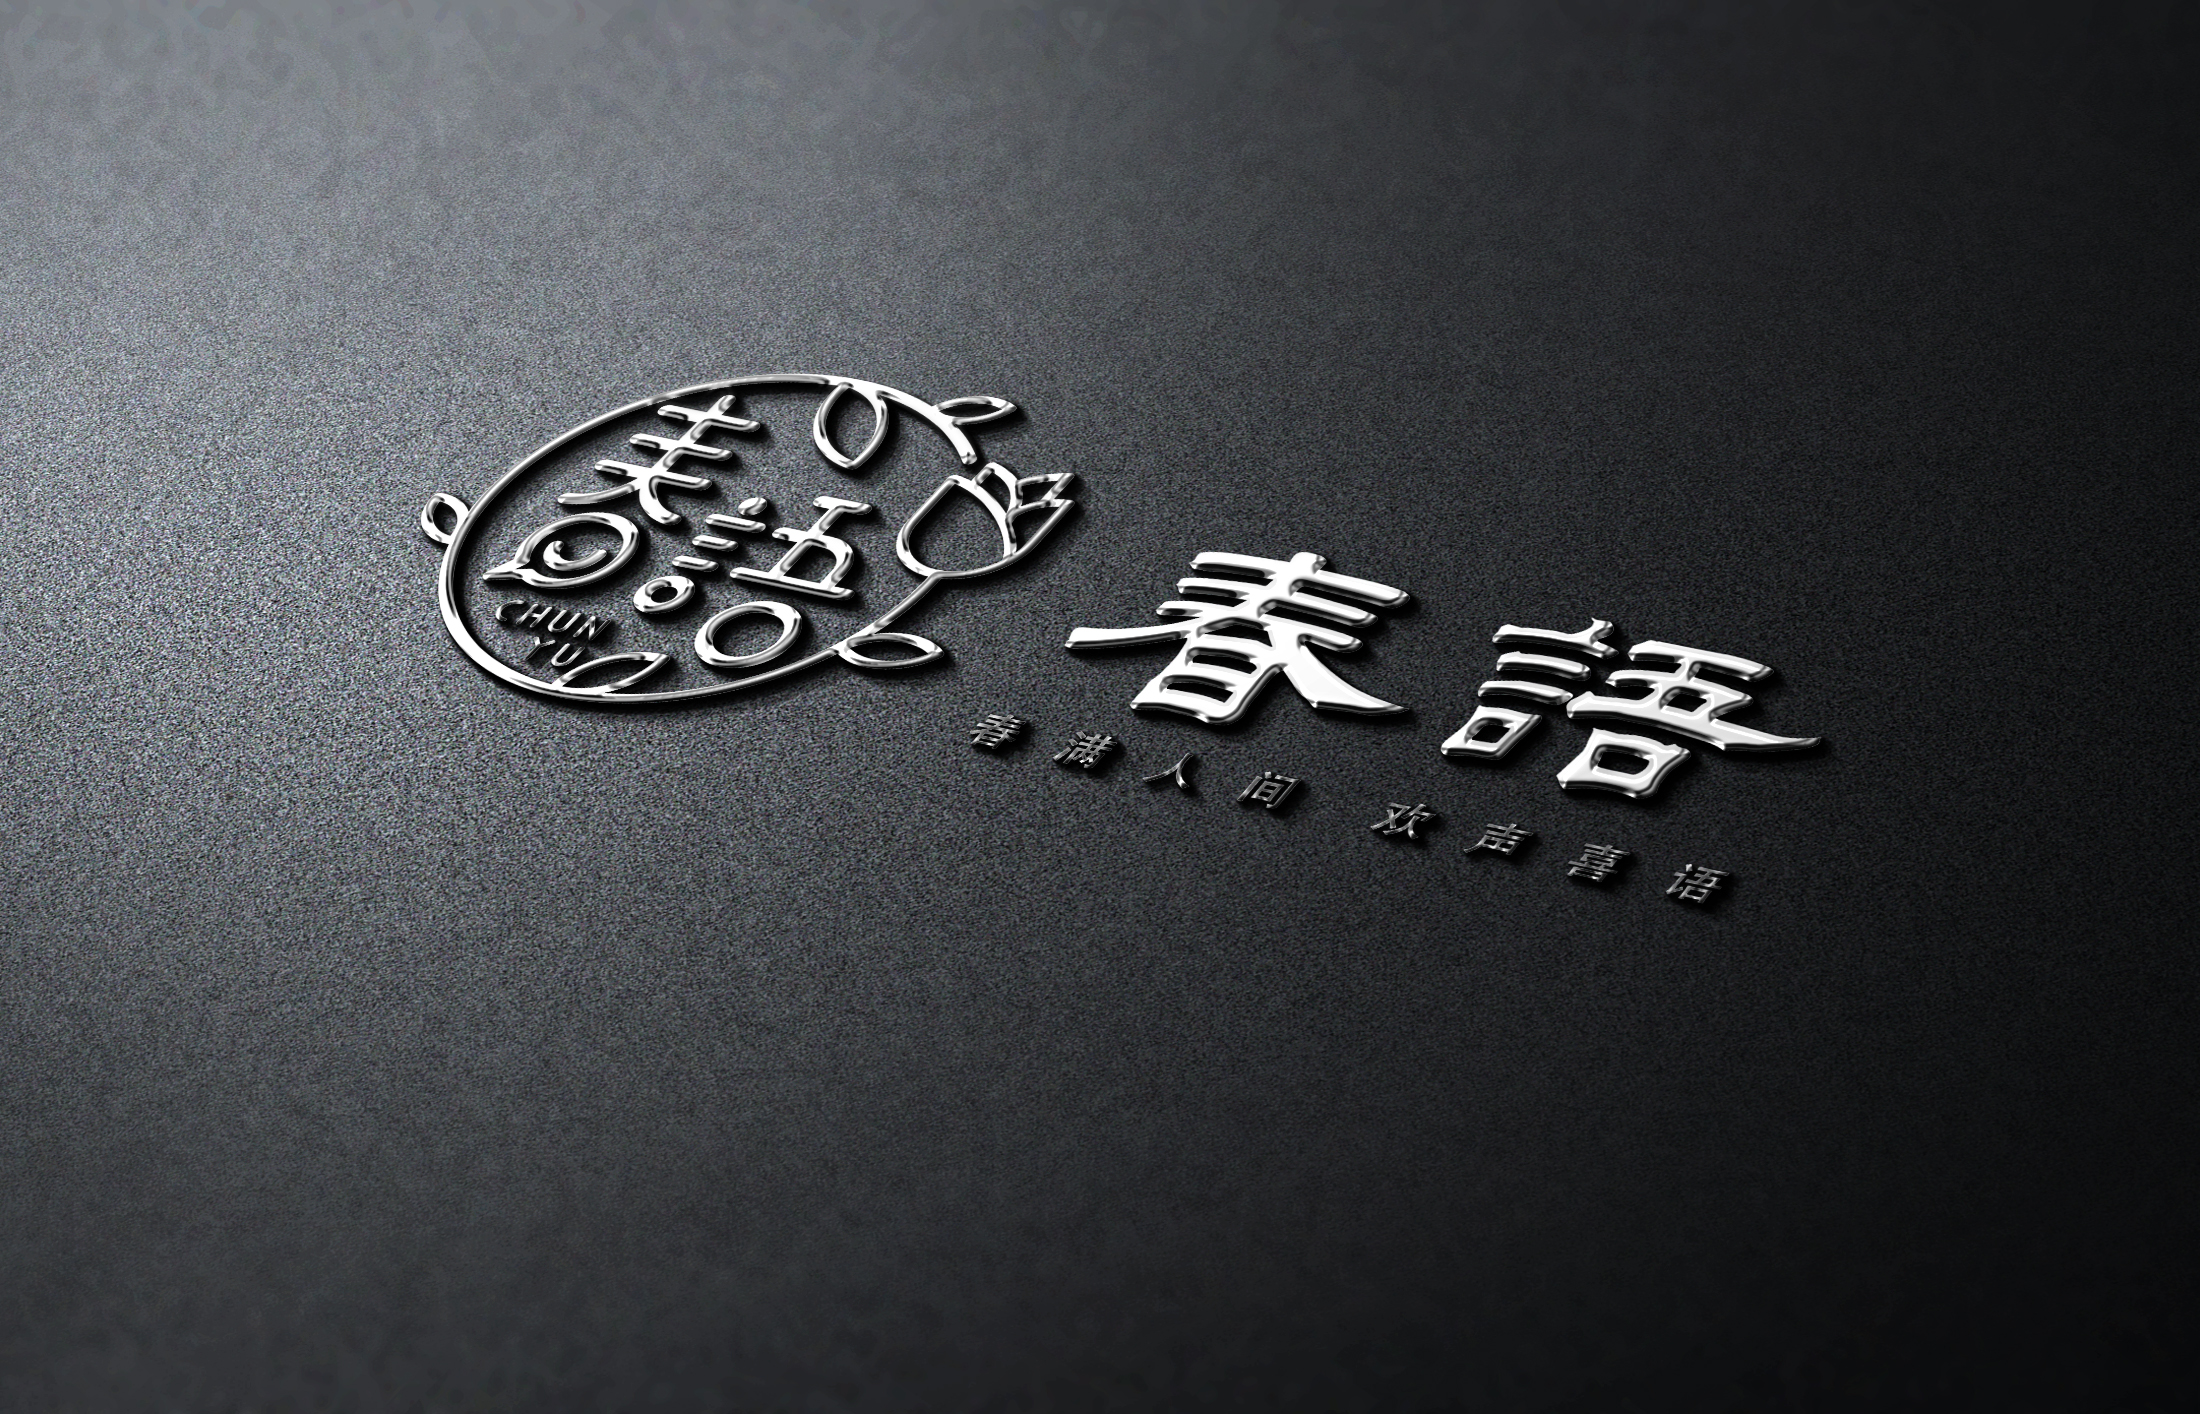 公司品牌logo_3034734_k68威客网